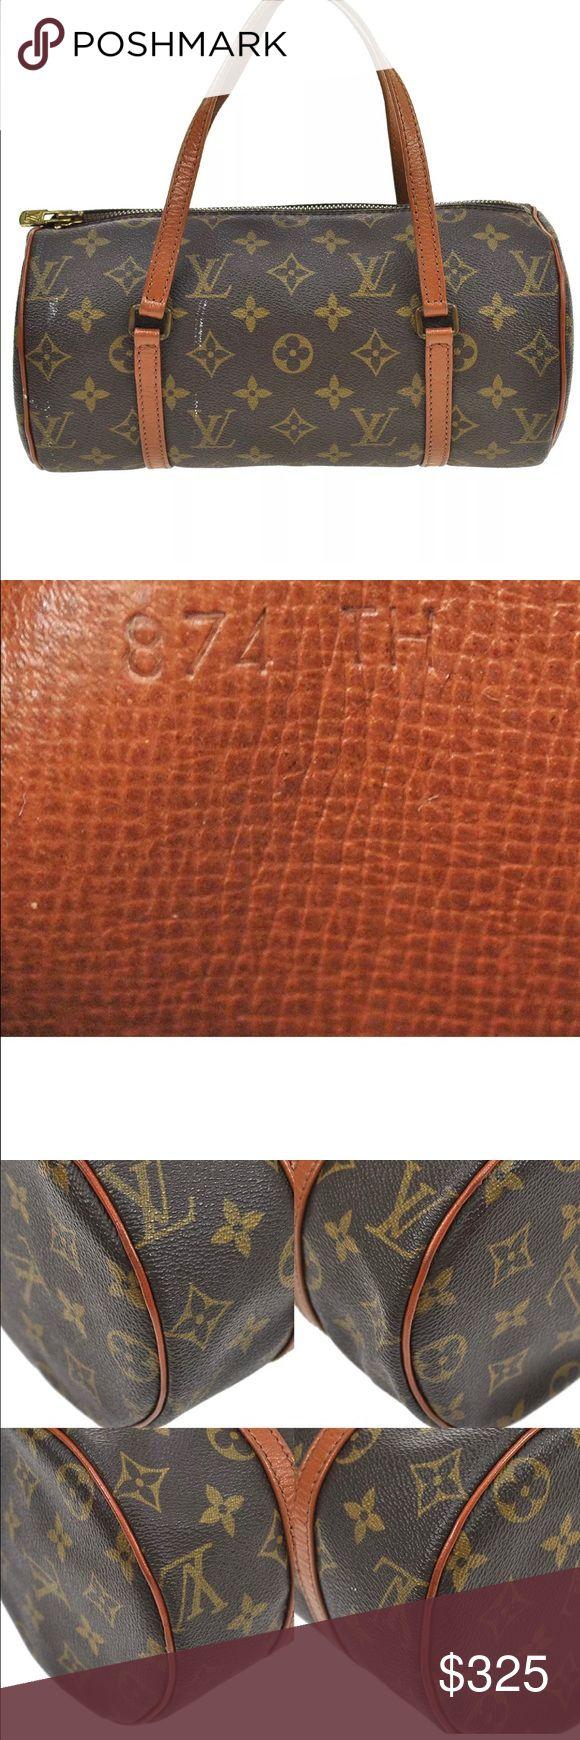 Authentic louis vuitton bag tm3299 authentic louis vuitton monogram canvas papillon M51366 hand bag Louis Vuitton Bags Shoulder Bags